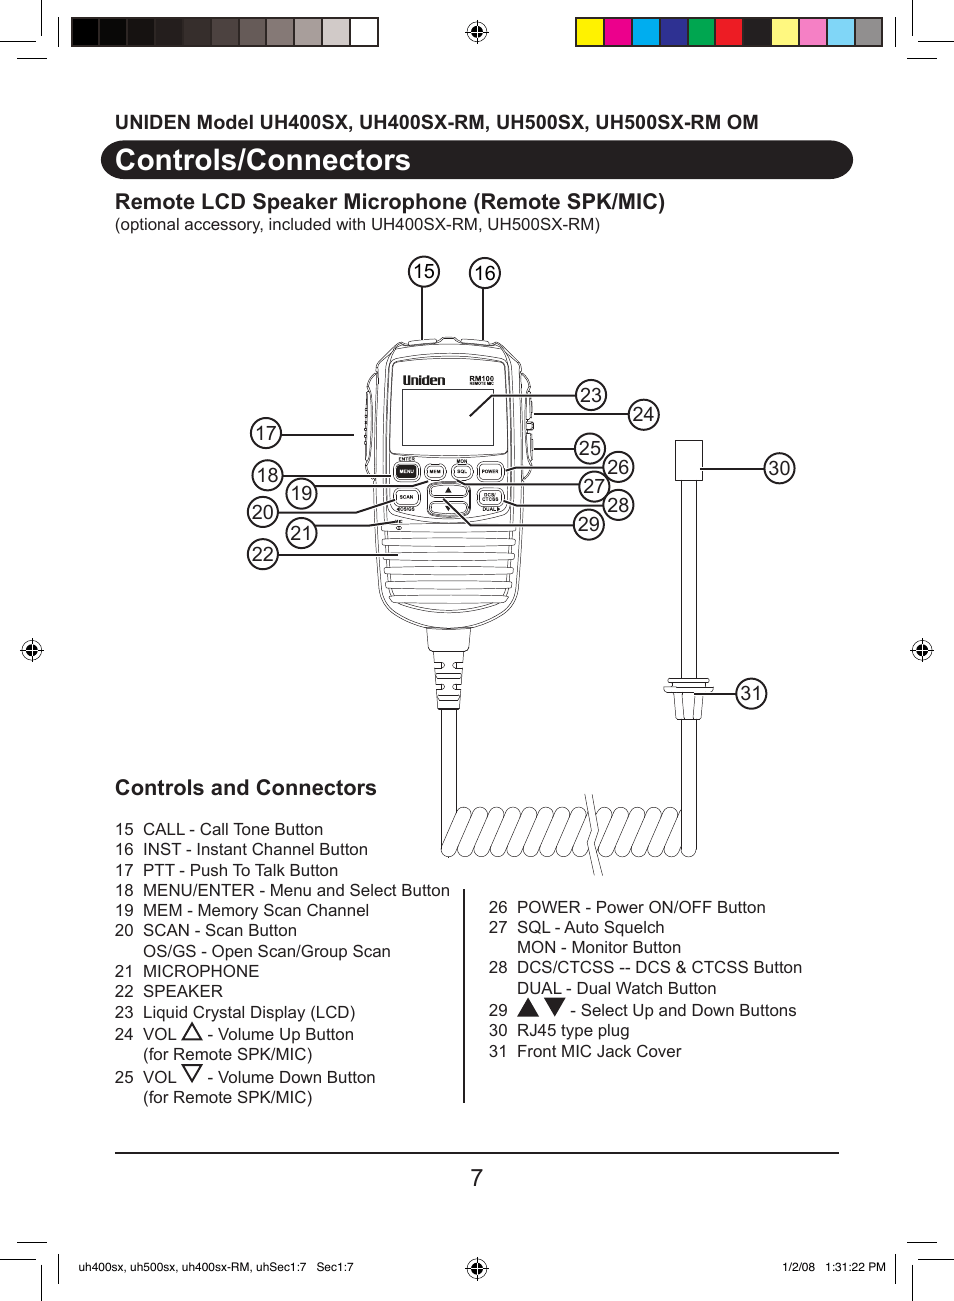 Controls/connectors, Controls and connectors, Remote lcd